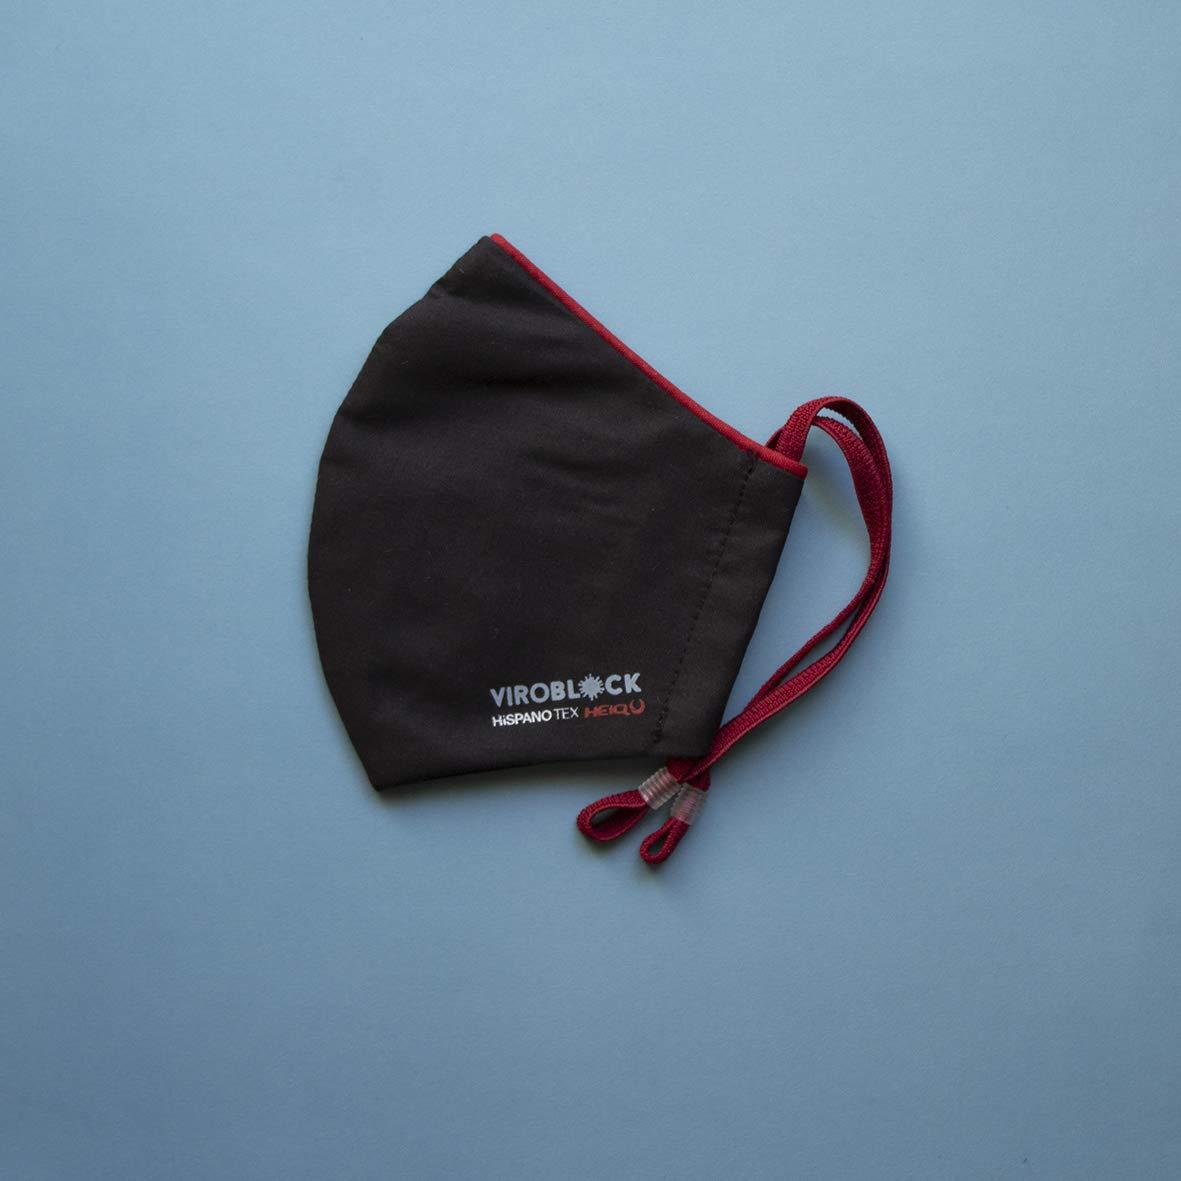 VIROBLOCK - Mascarilla de Tela Lavable - Mascarillas Reutilizables - Antiolor, Cómodas y Adaptables - Compatible con la norma UNE 0065 : 2020 - Fabricada en España (Talla Grande, Negra - Ribete Rojo)